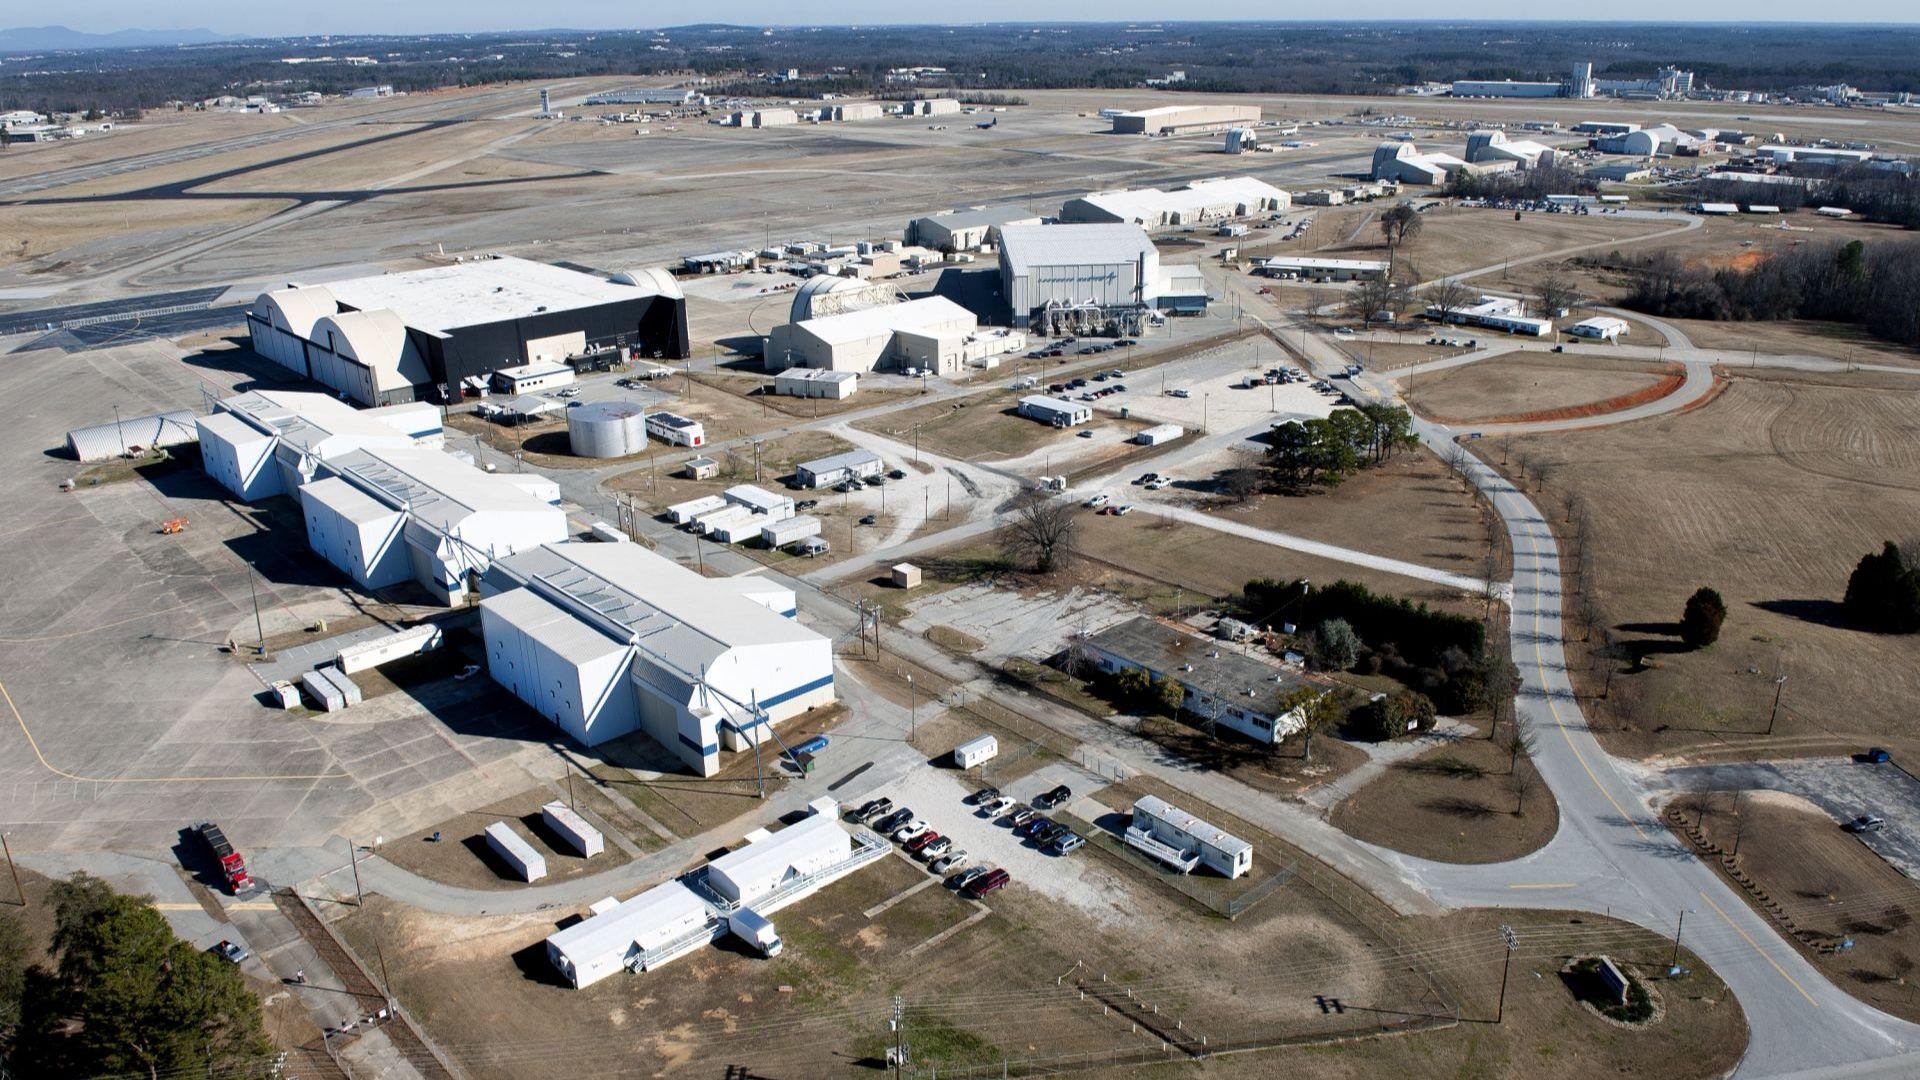 """Заводът на """"Локхийд Мартин"""", който ще произведе Ф-16 за България, е почти готов"""